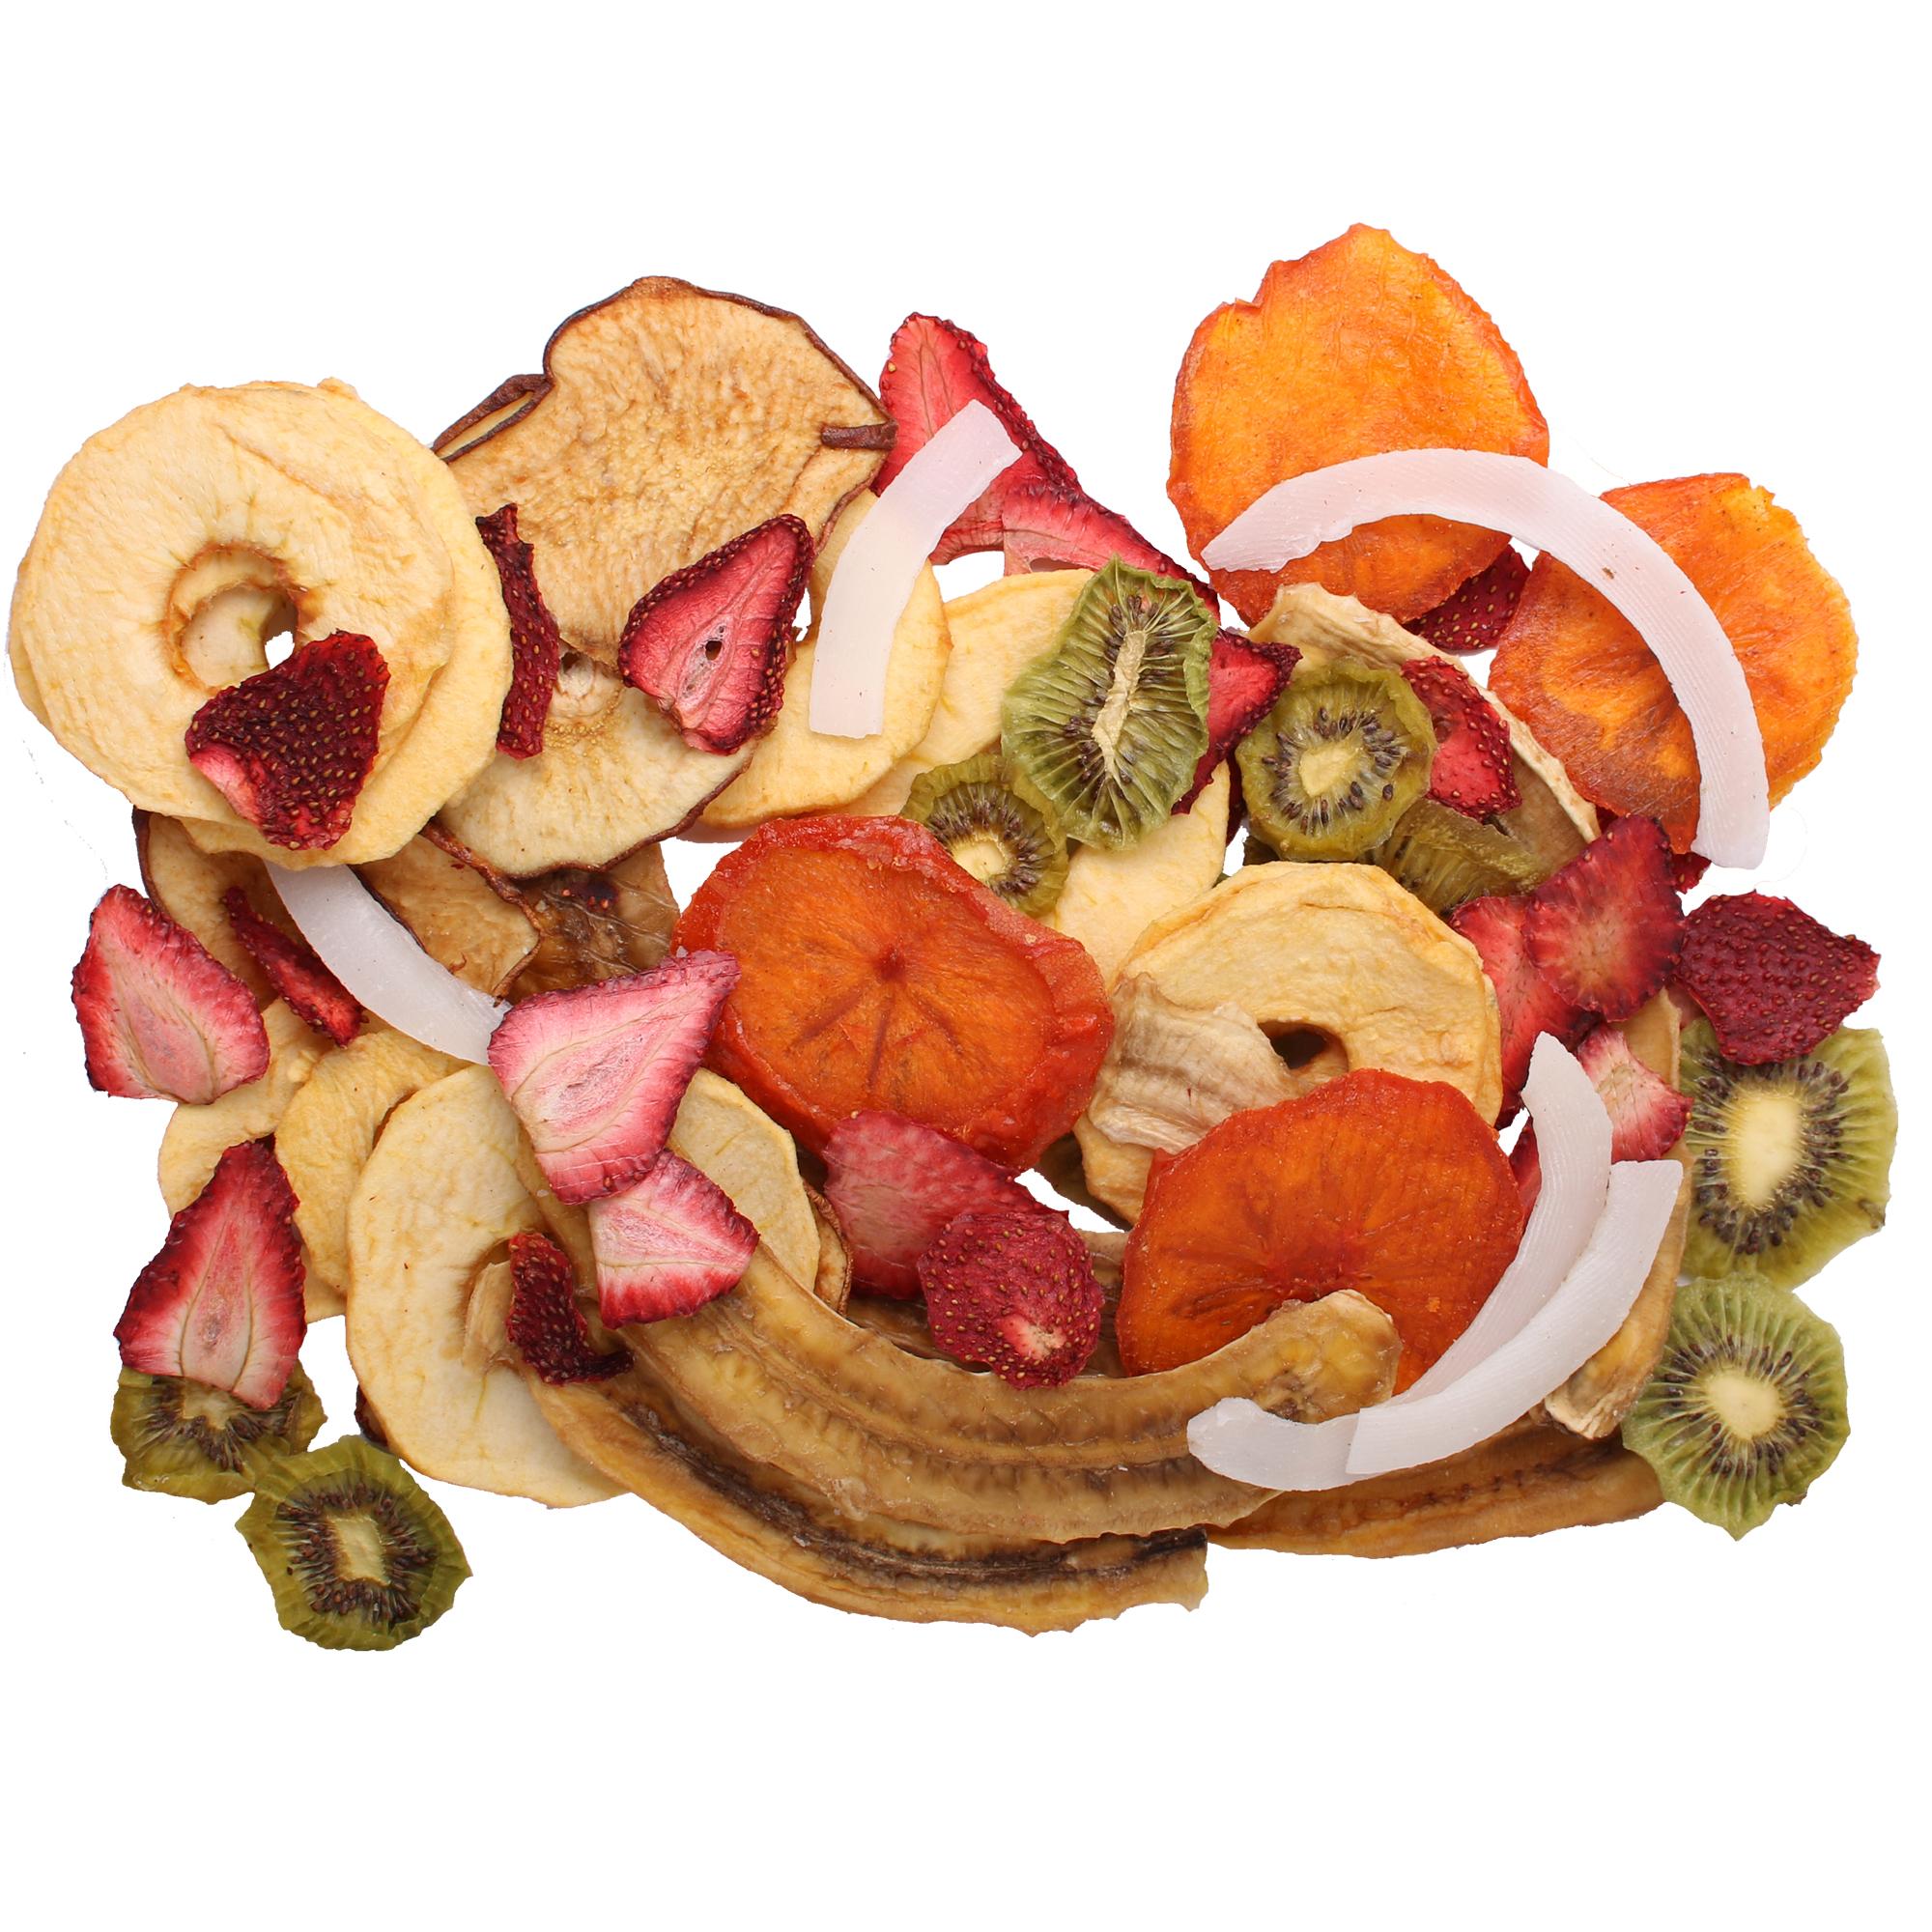 میوه خشک مخلوط فله مقدار 500 گرم